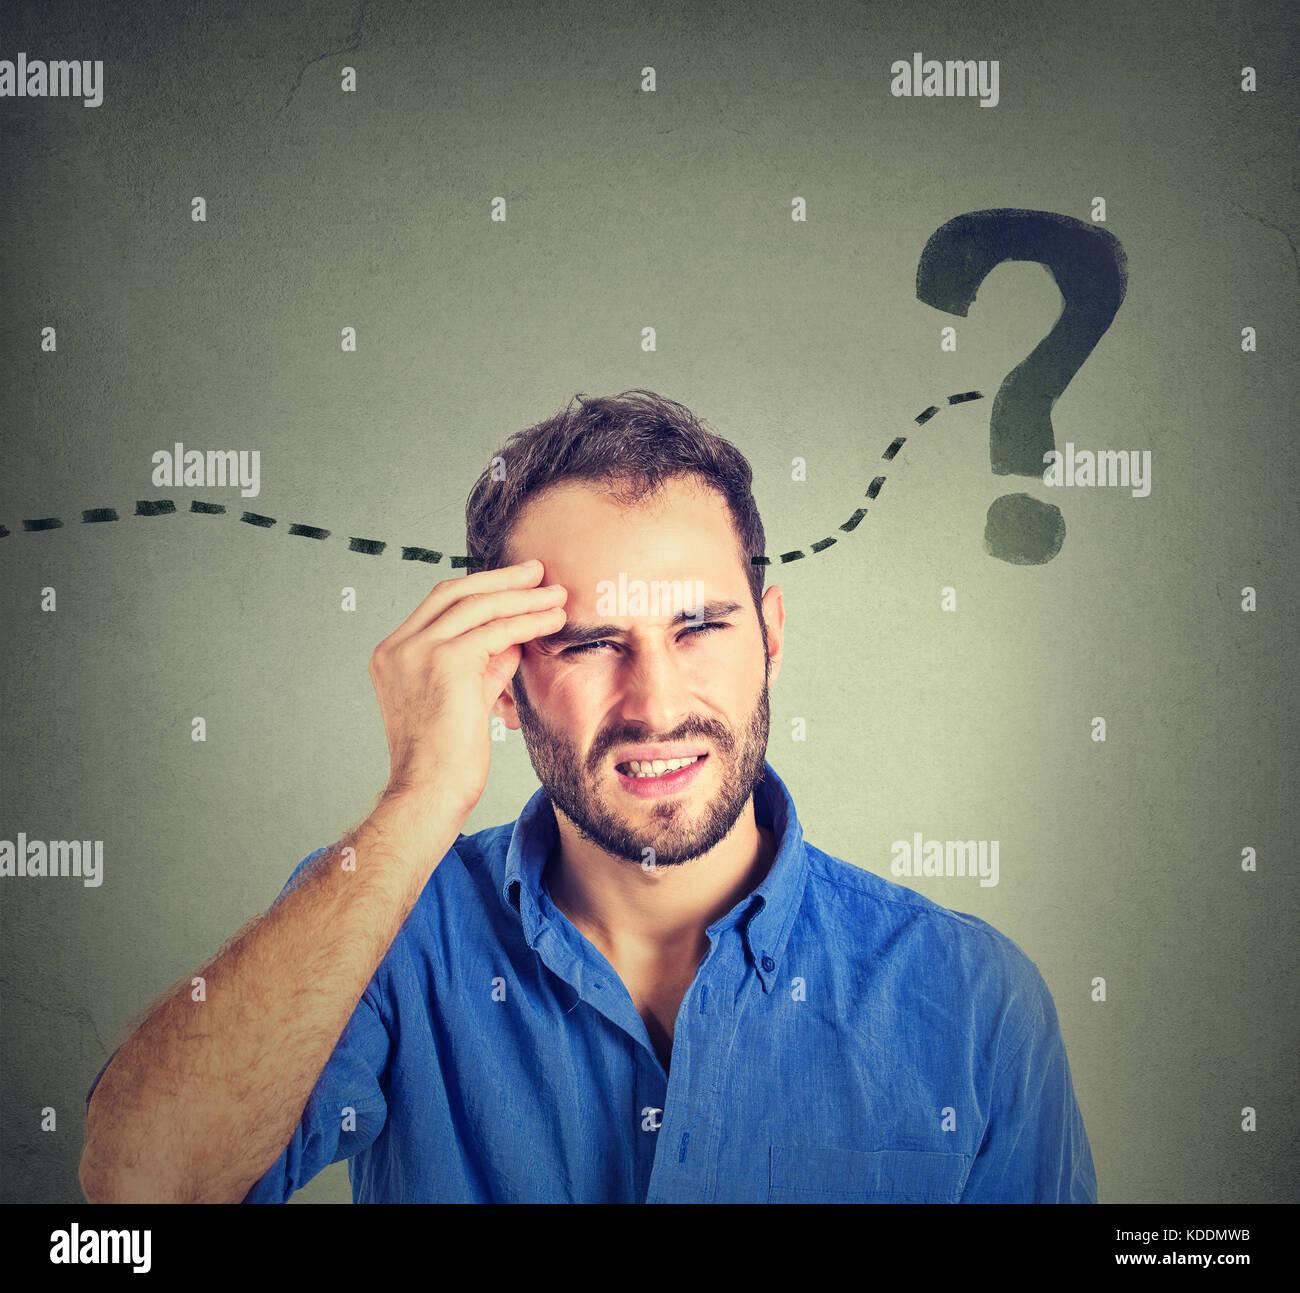 Mann Denken auf der Suche nach einer Lösung Stockbild